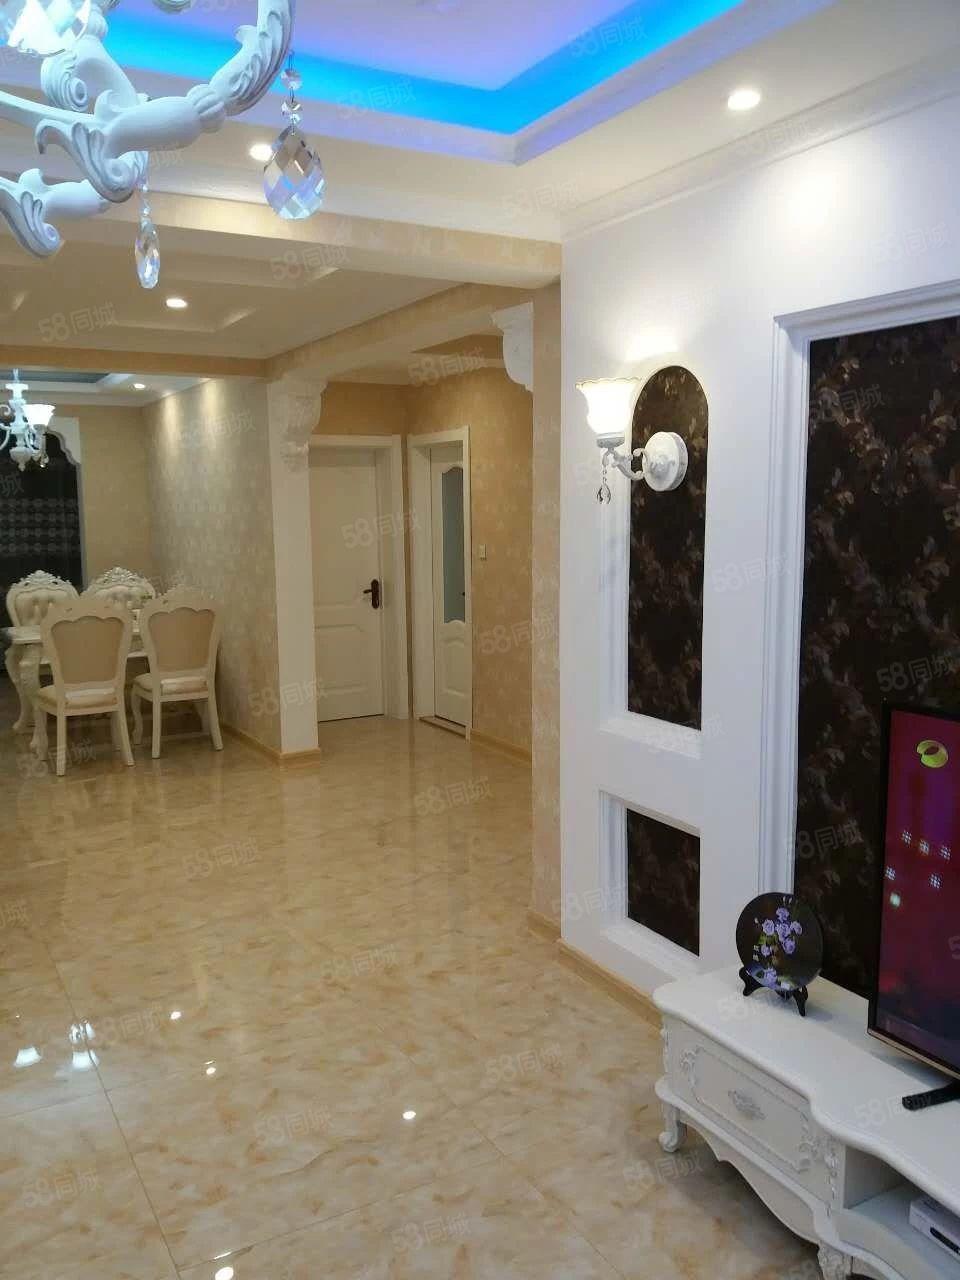 亿隆国际2室1厅精装修家具家电齐全拎包就住不包费用